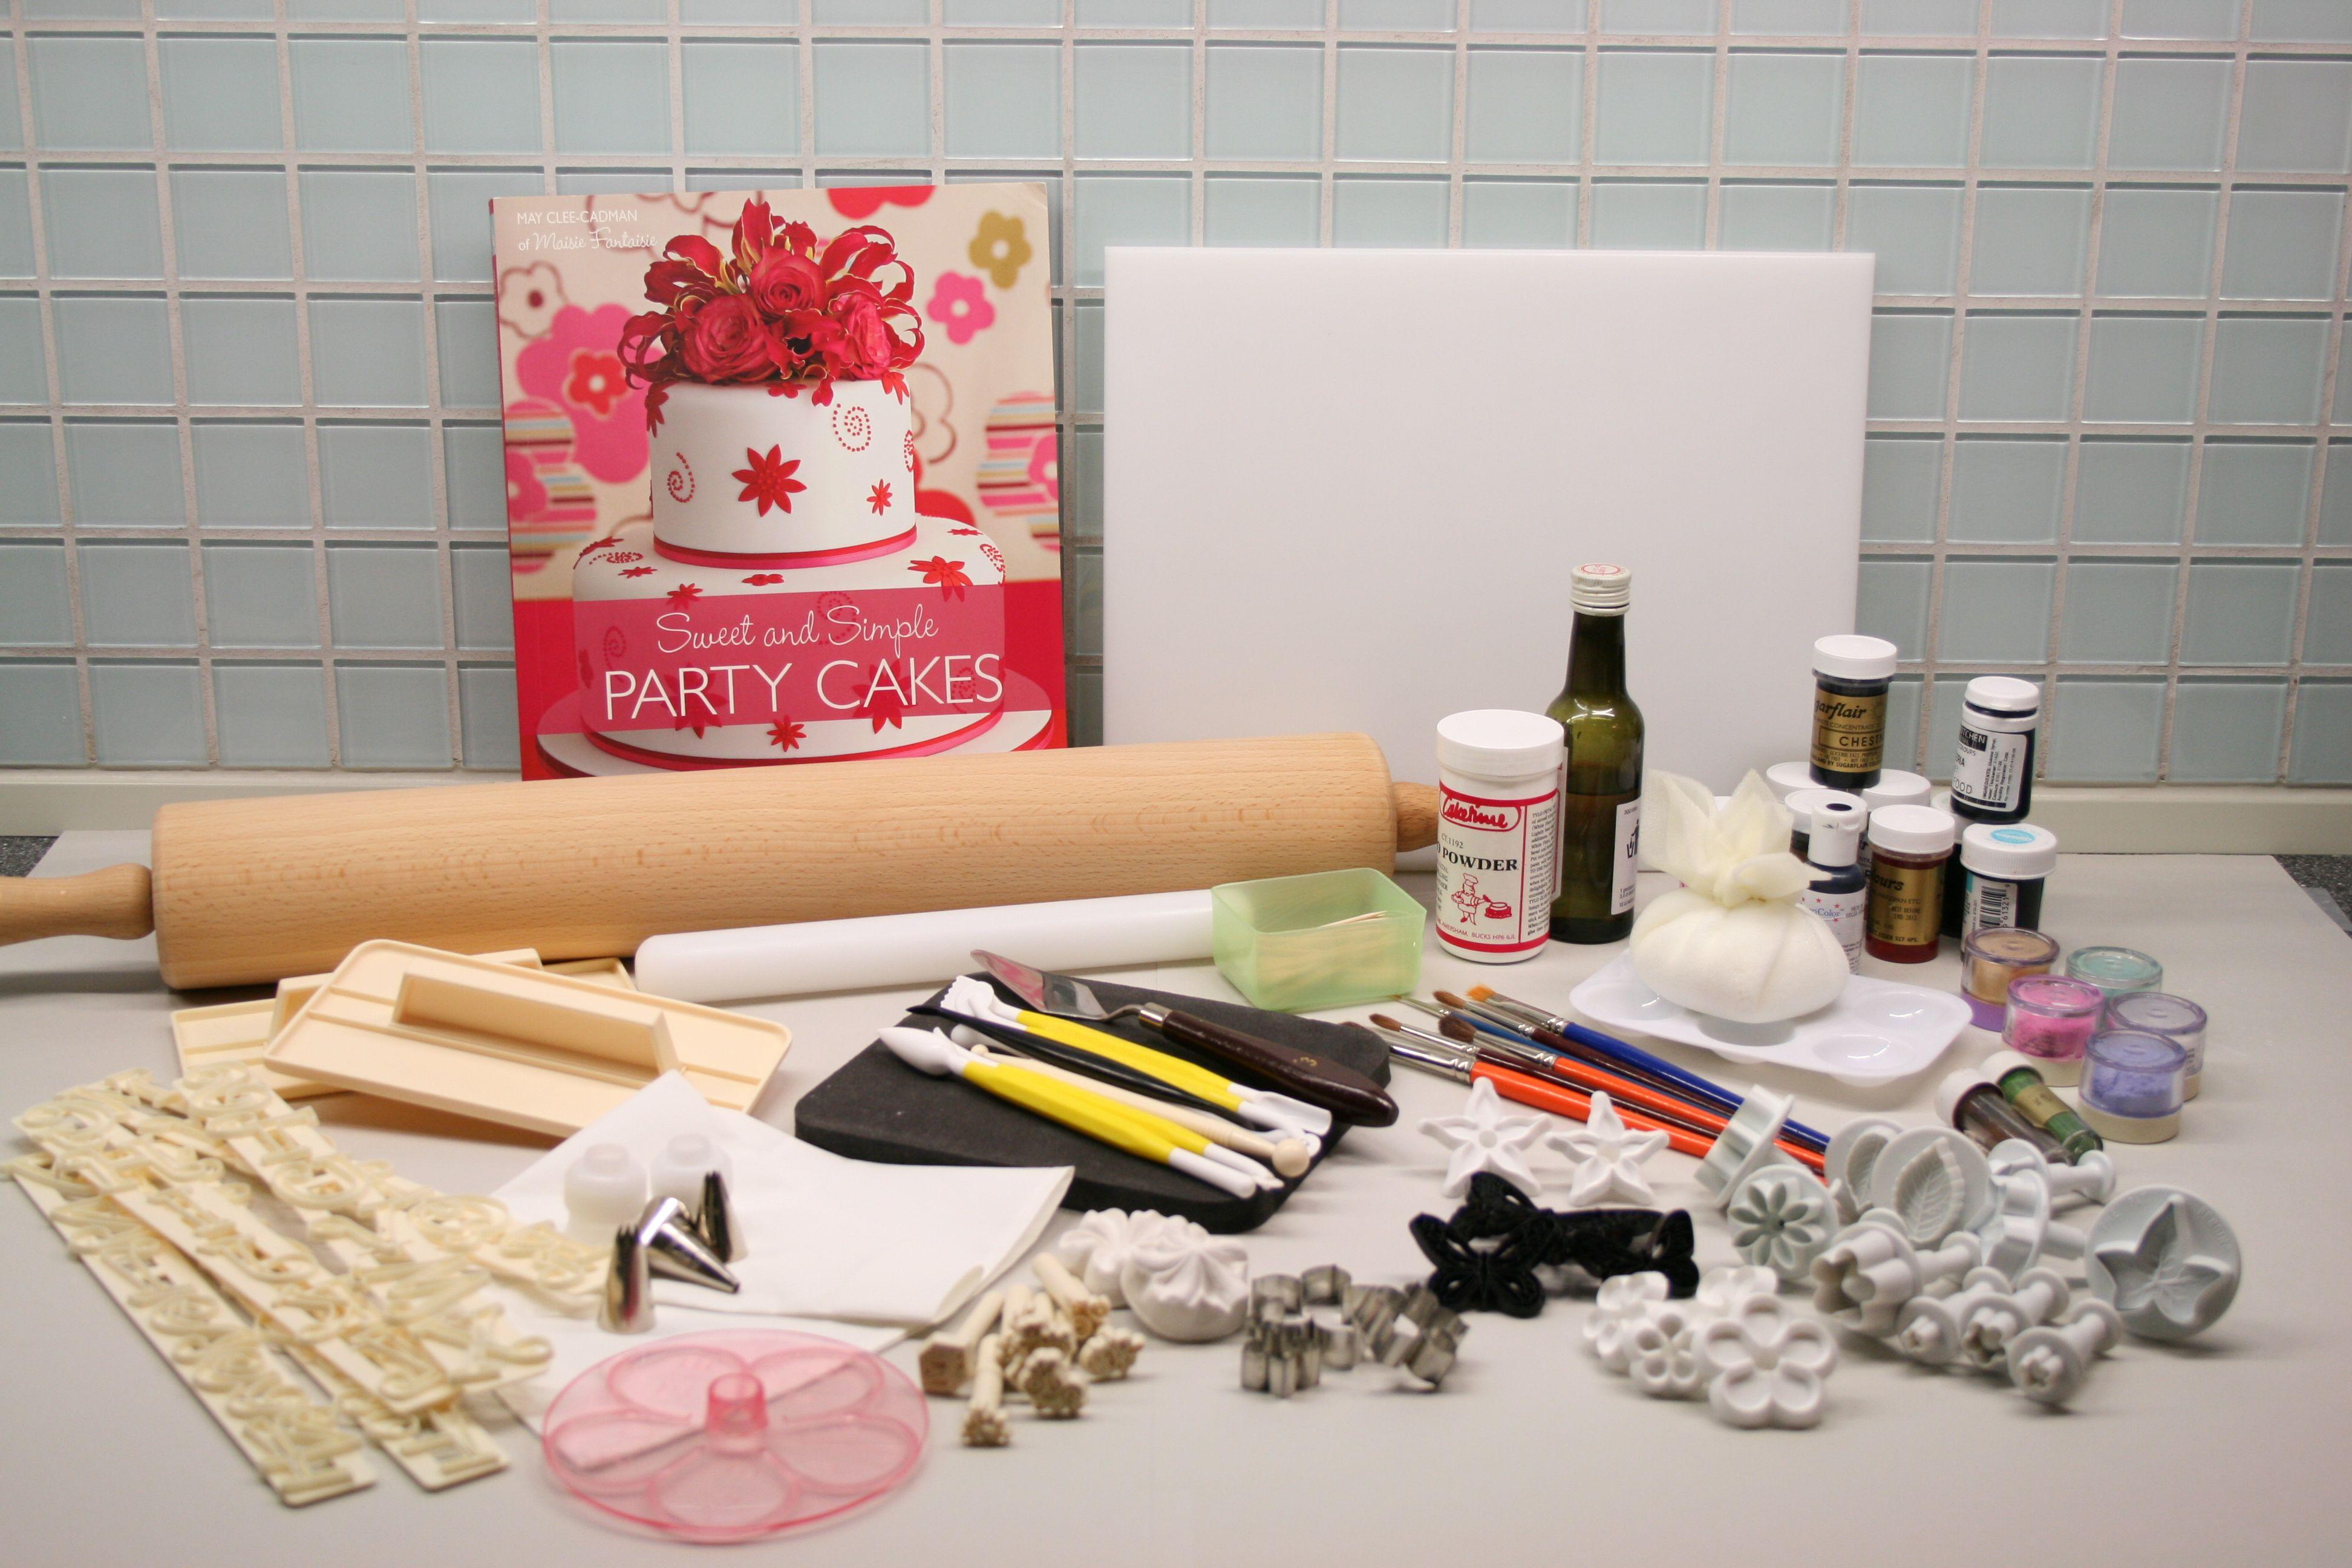 Basic cake decorating kit   Cake decorating tools, Cake and Basic cake